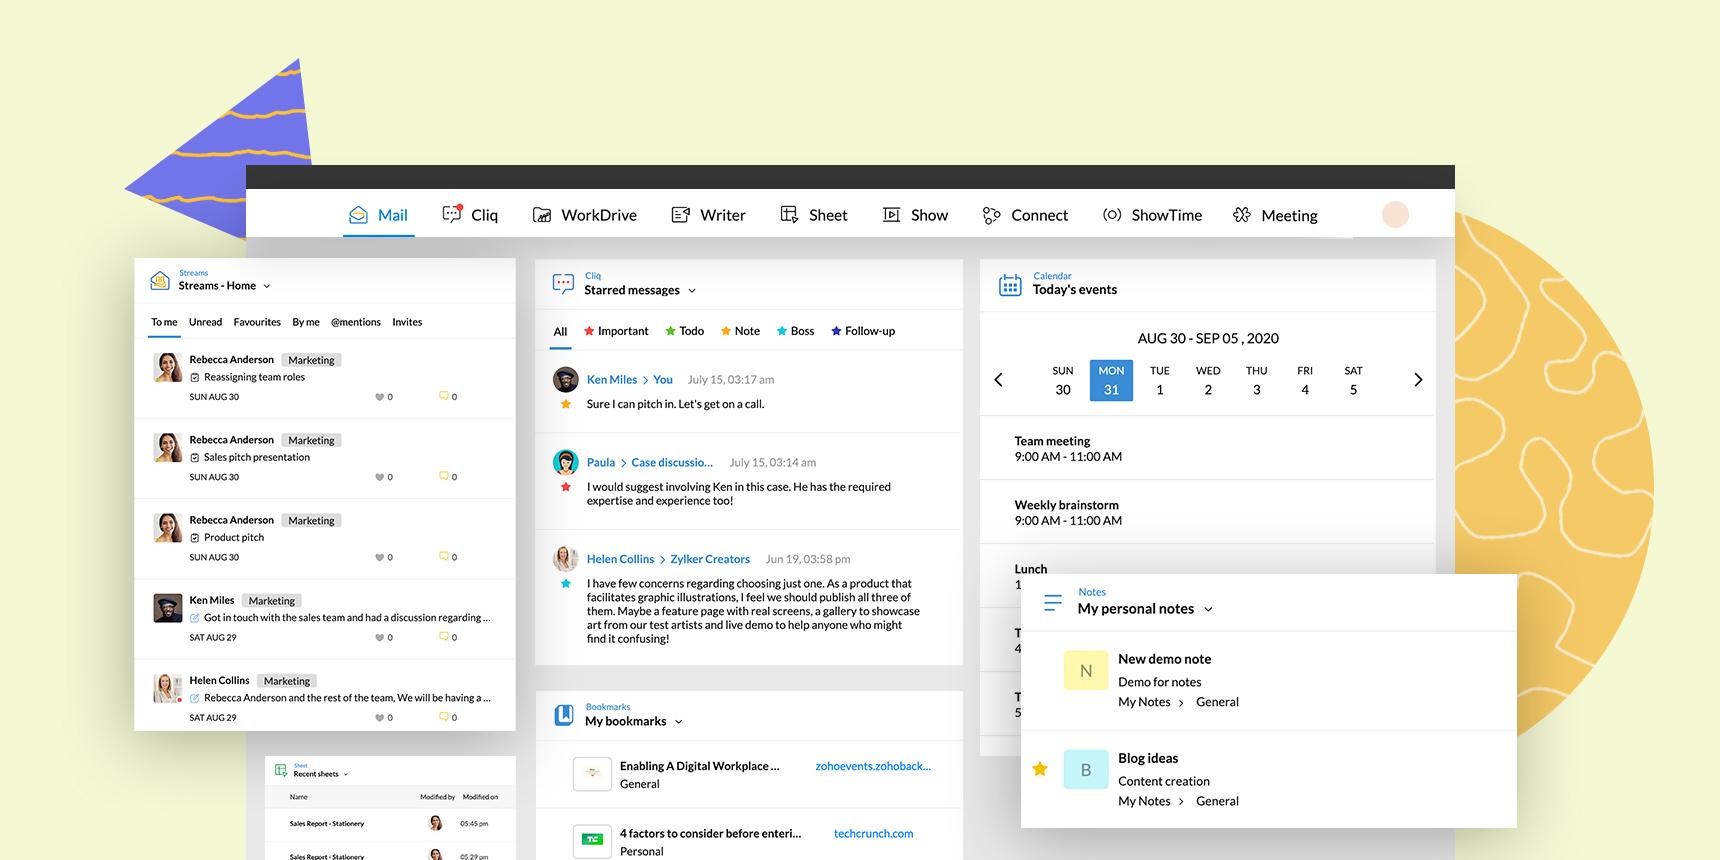 باقة برامج زوهو ووركبليس Zoho Workplace الجديدة والمحسّنة – مساحة عملكم الرقمية الموحدة